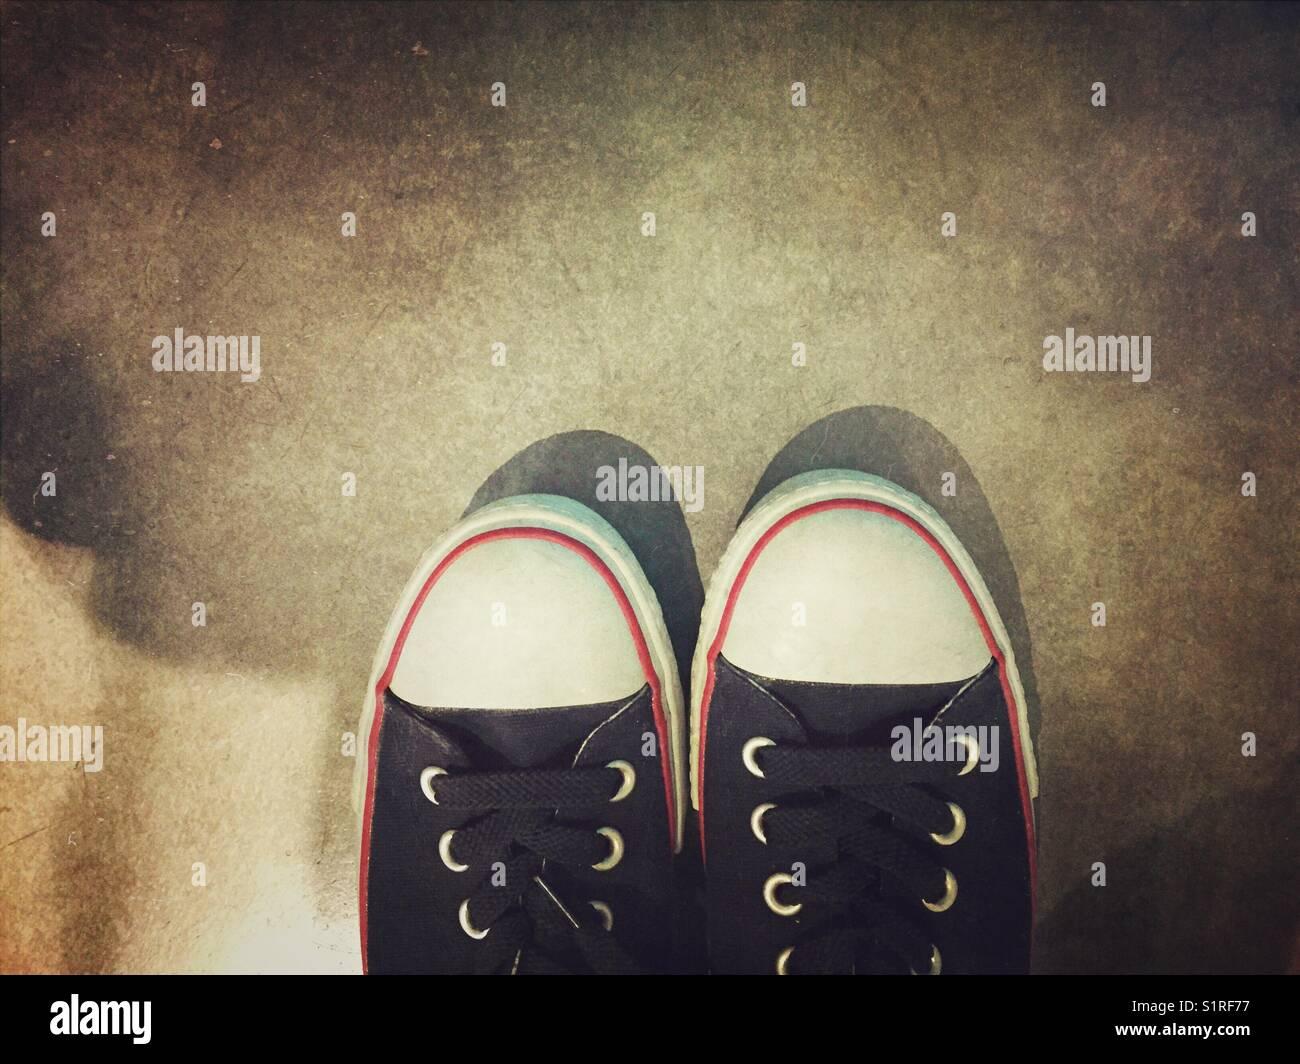 Selfie of black sneakers - Stock Image